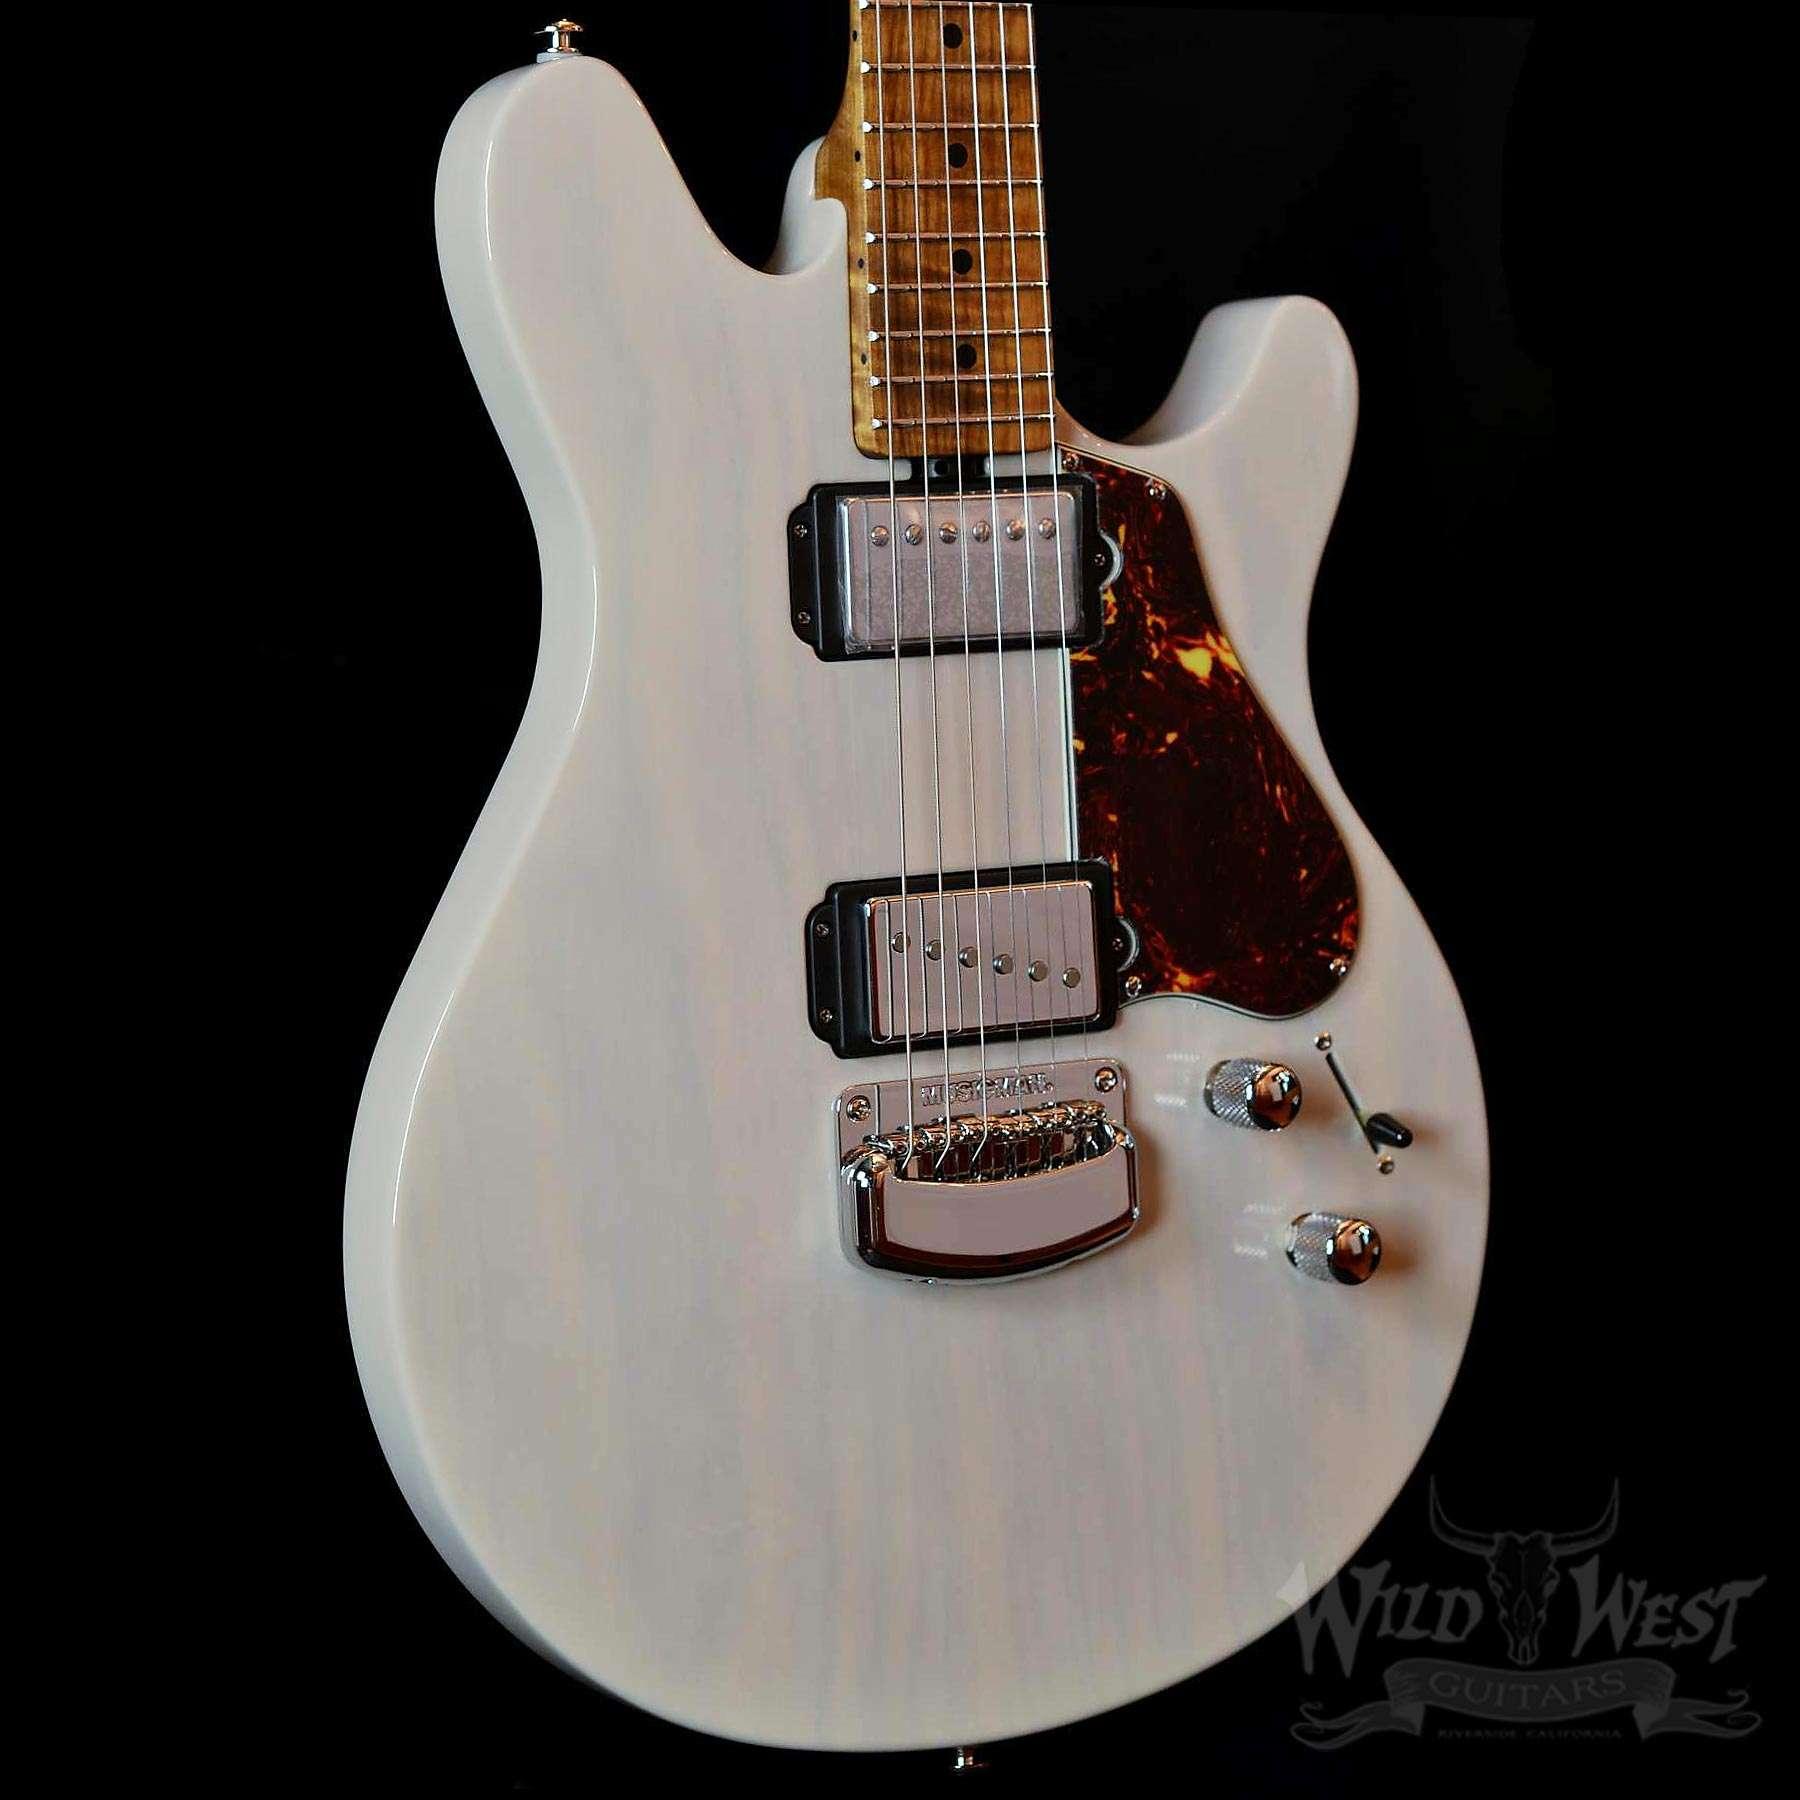 Ernie Ball Music Man Valentine Buttermilk Wild West Guitars